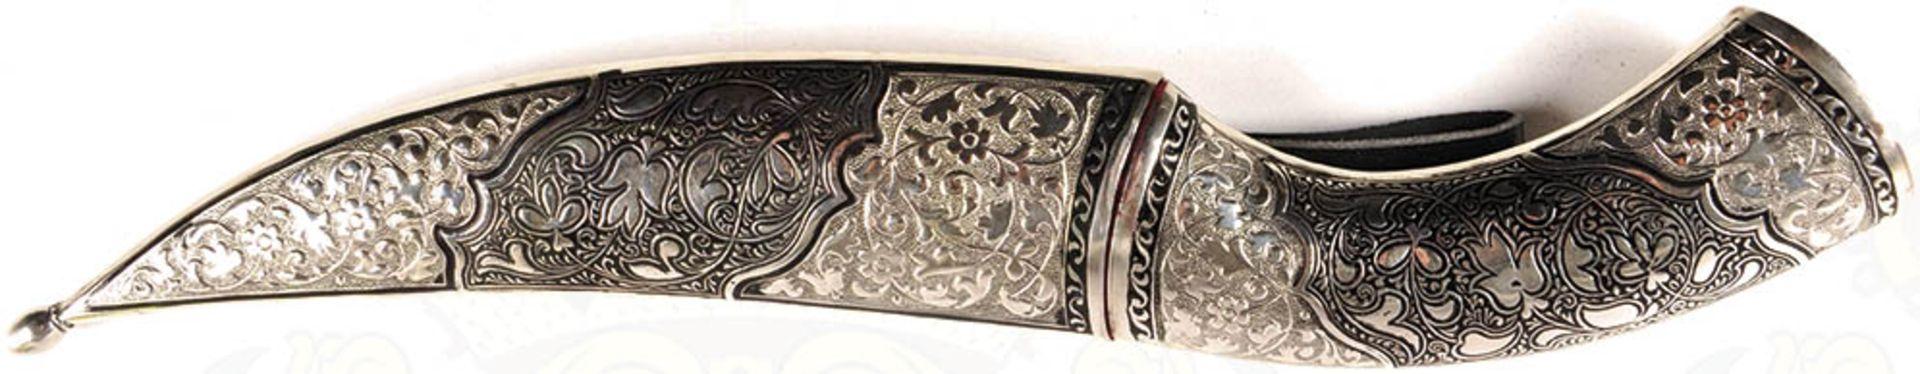 DOLCH, verm. Kaukasus, leicht gekrümmte Keilklinge, beids. Zierätzung, florale Ornamente u. - Bild 4 aus 4